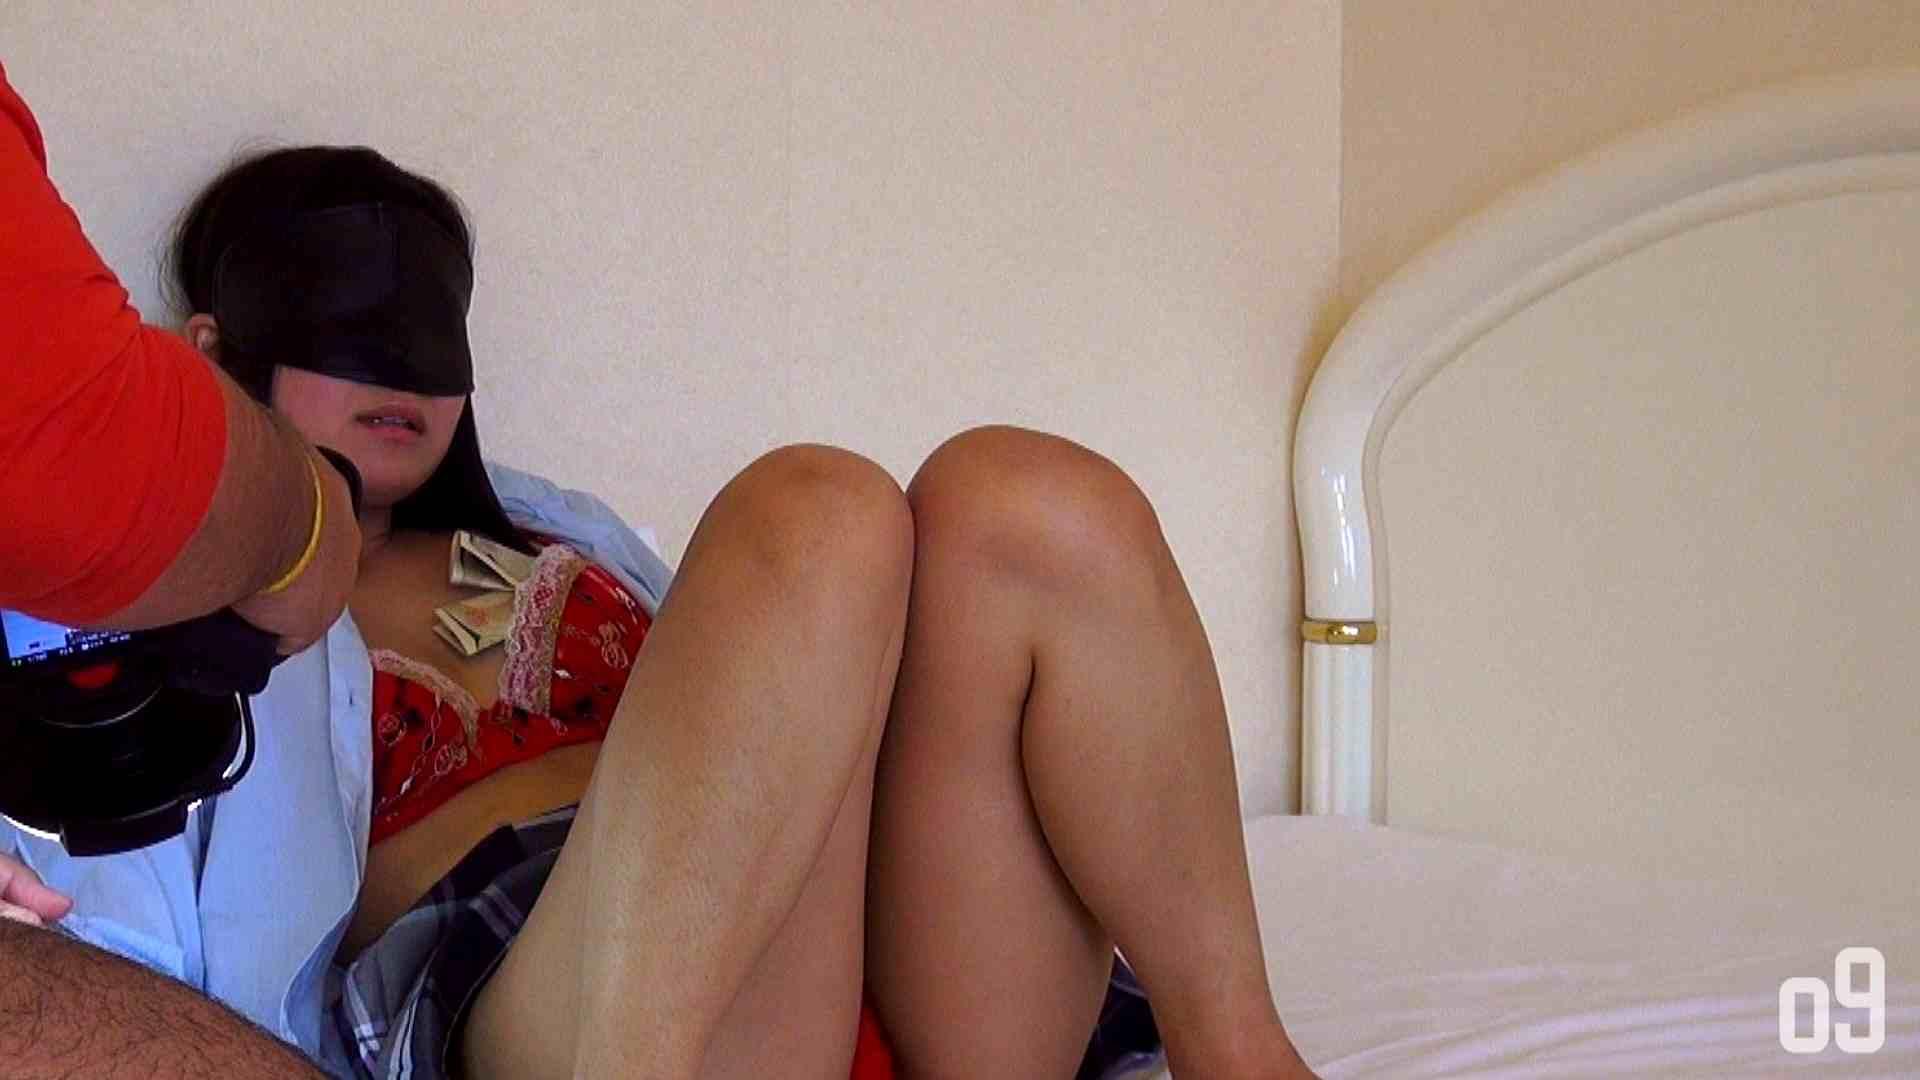 vol.5 留華ちゃんの気分が乗った所で責めました! OL裸体 | 顔出しNG一般女性  51画像 36